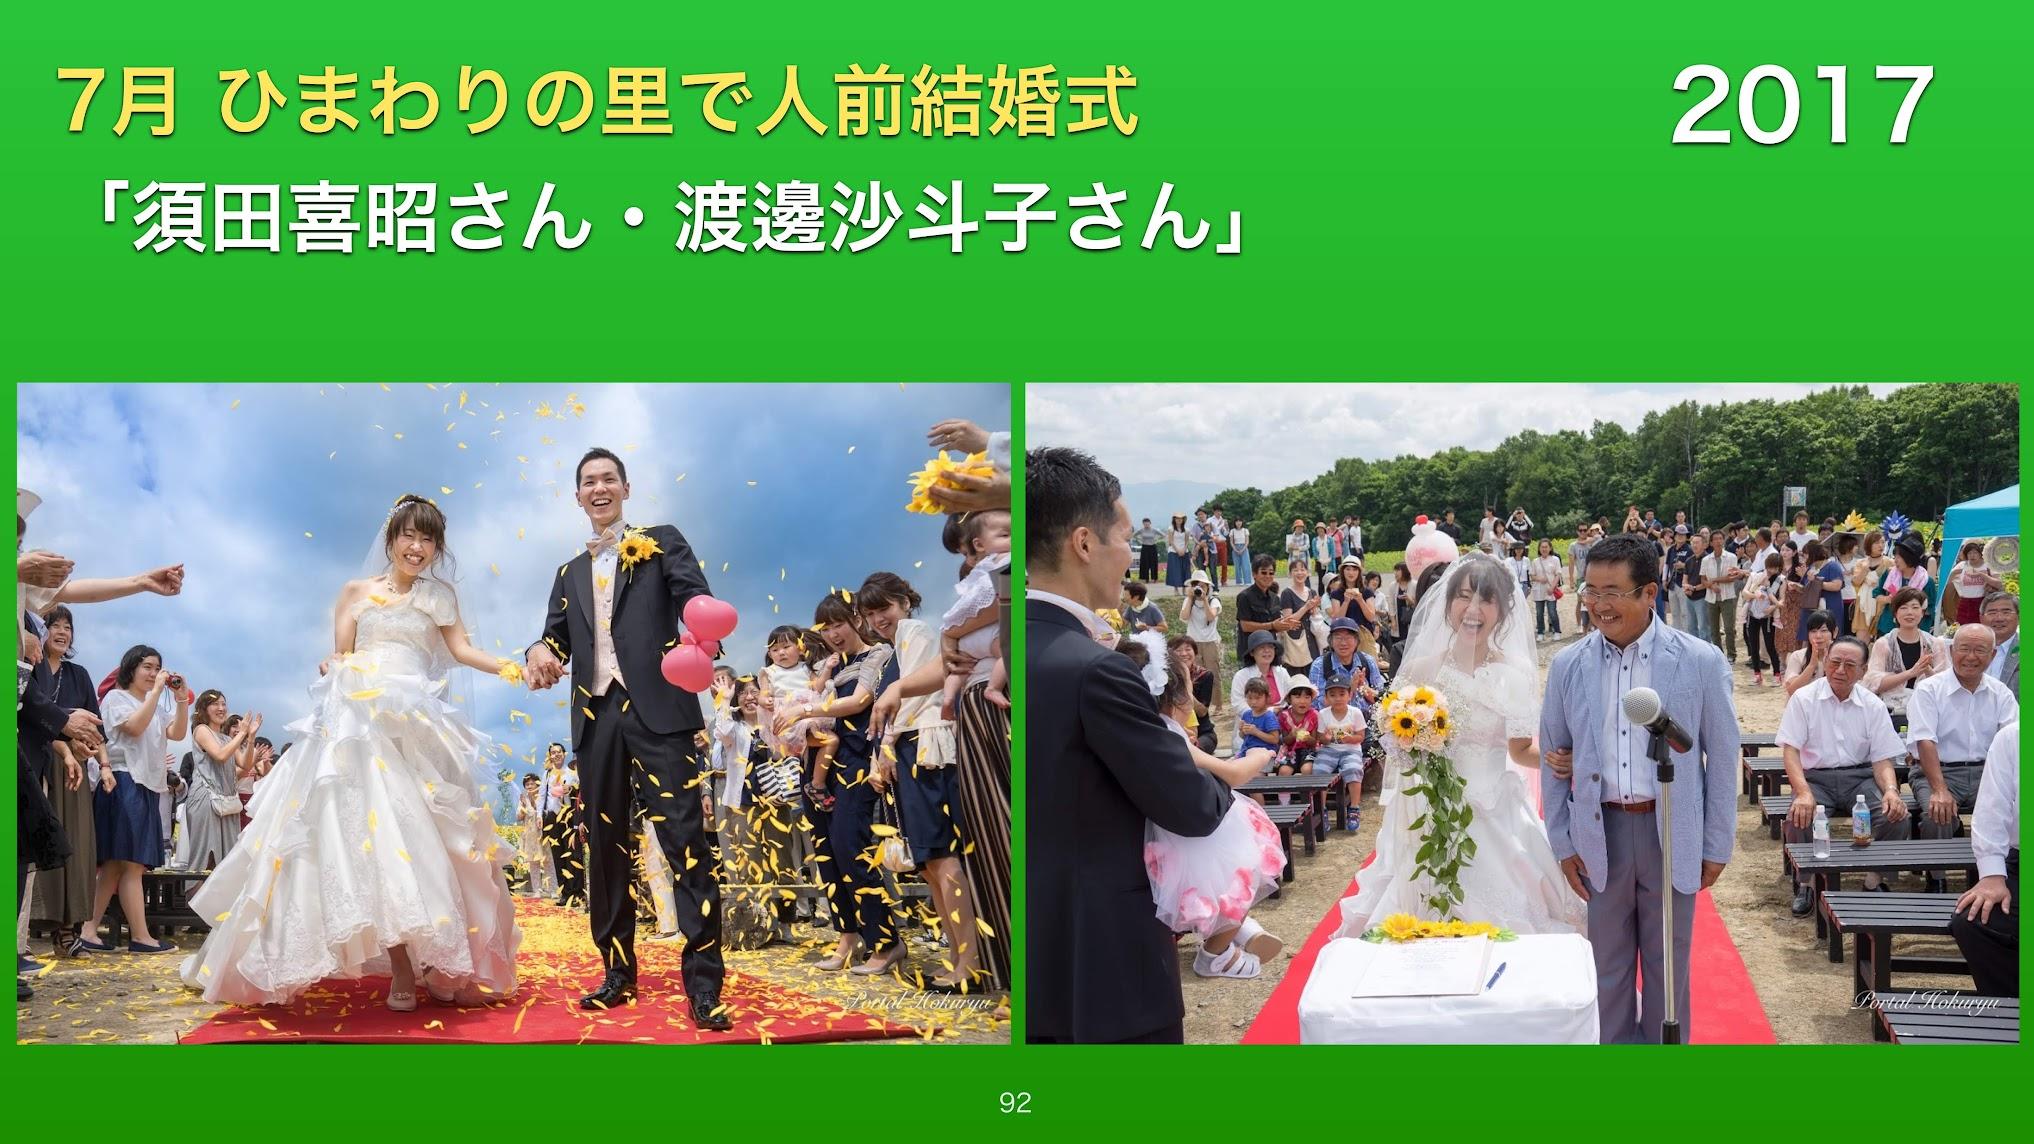 7月:ひまわりの里で人前結婚式 「須田喜昭さん&渡邊沙斗子さん」